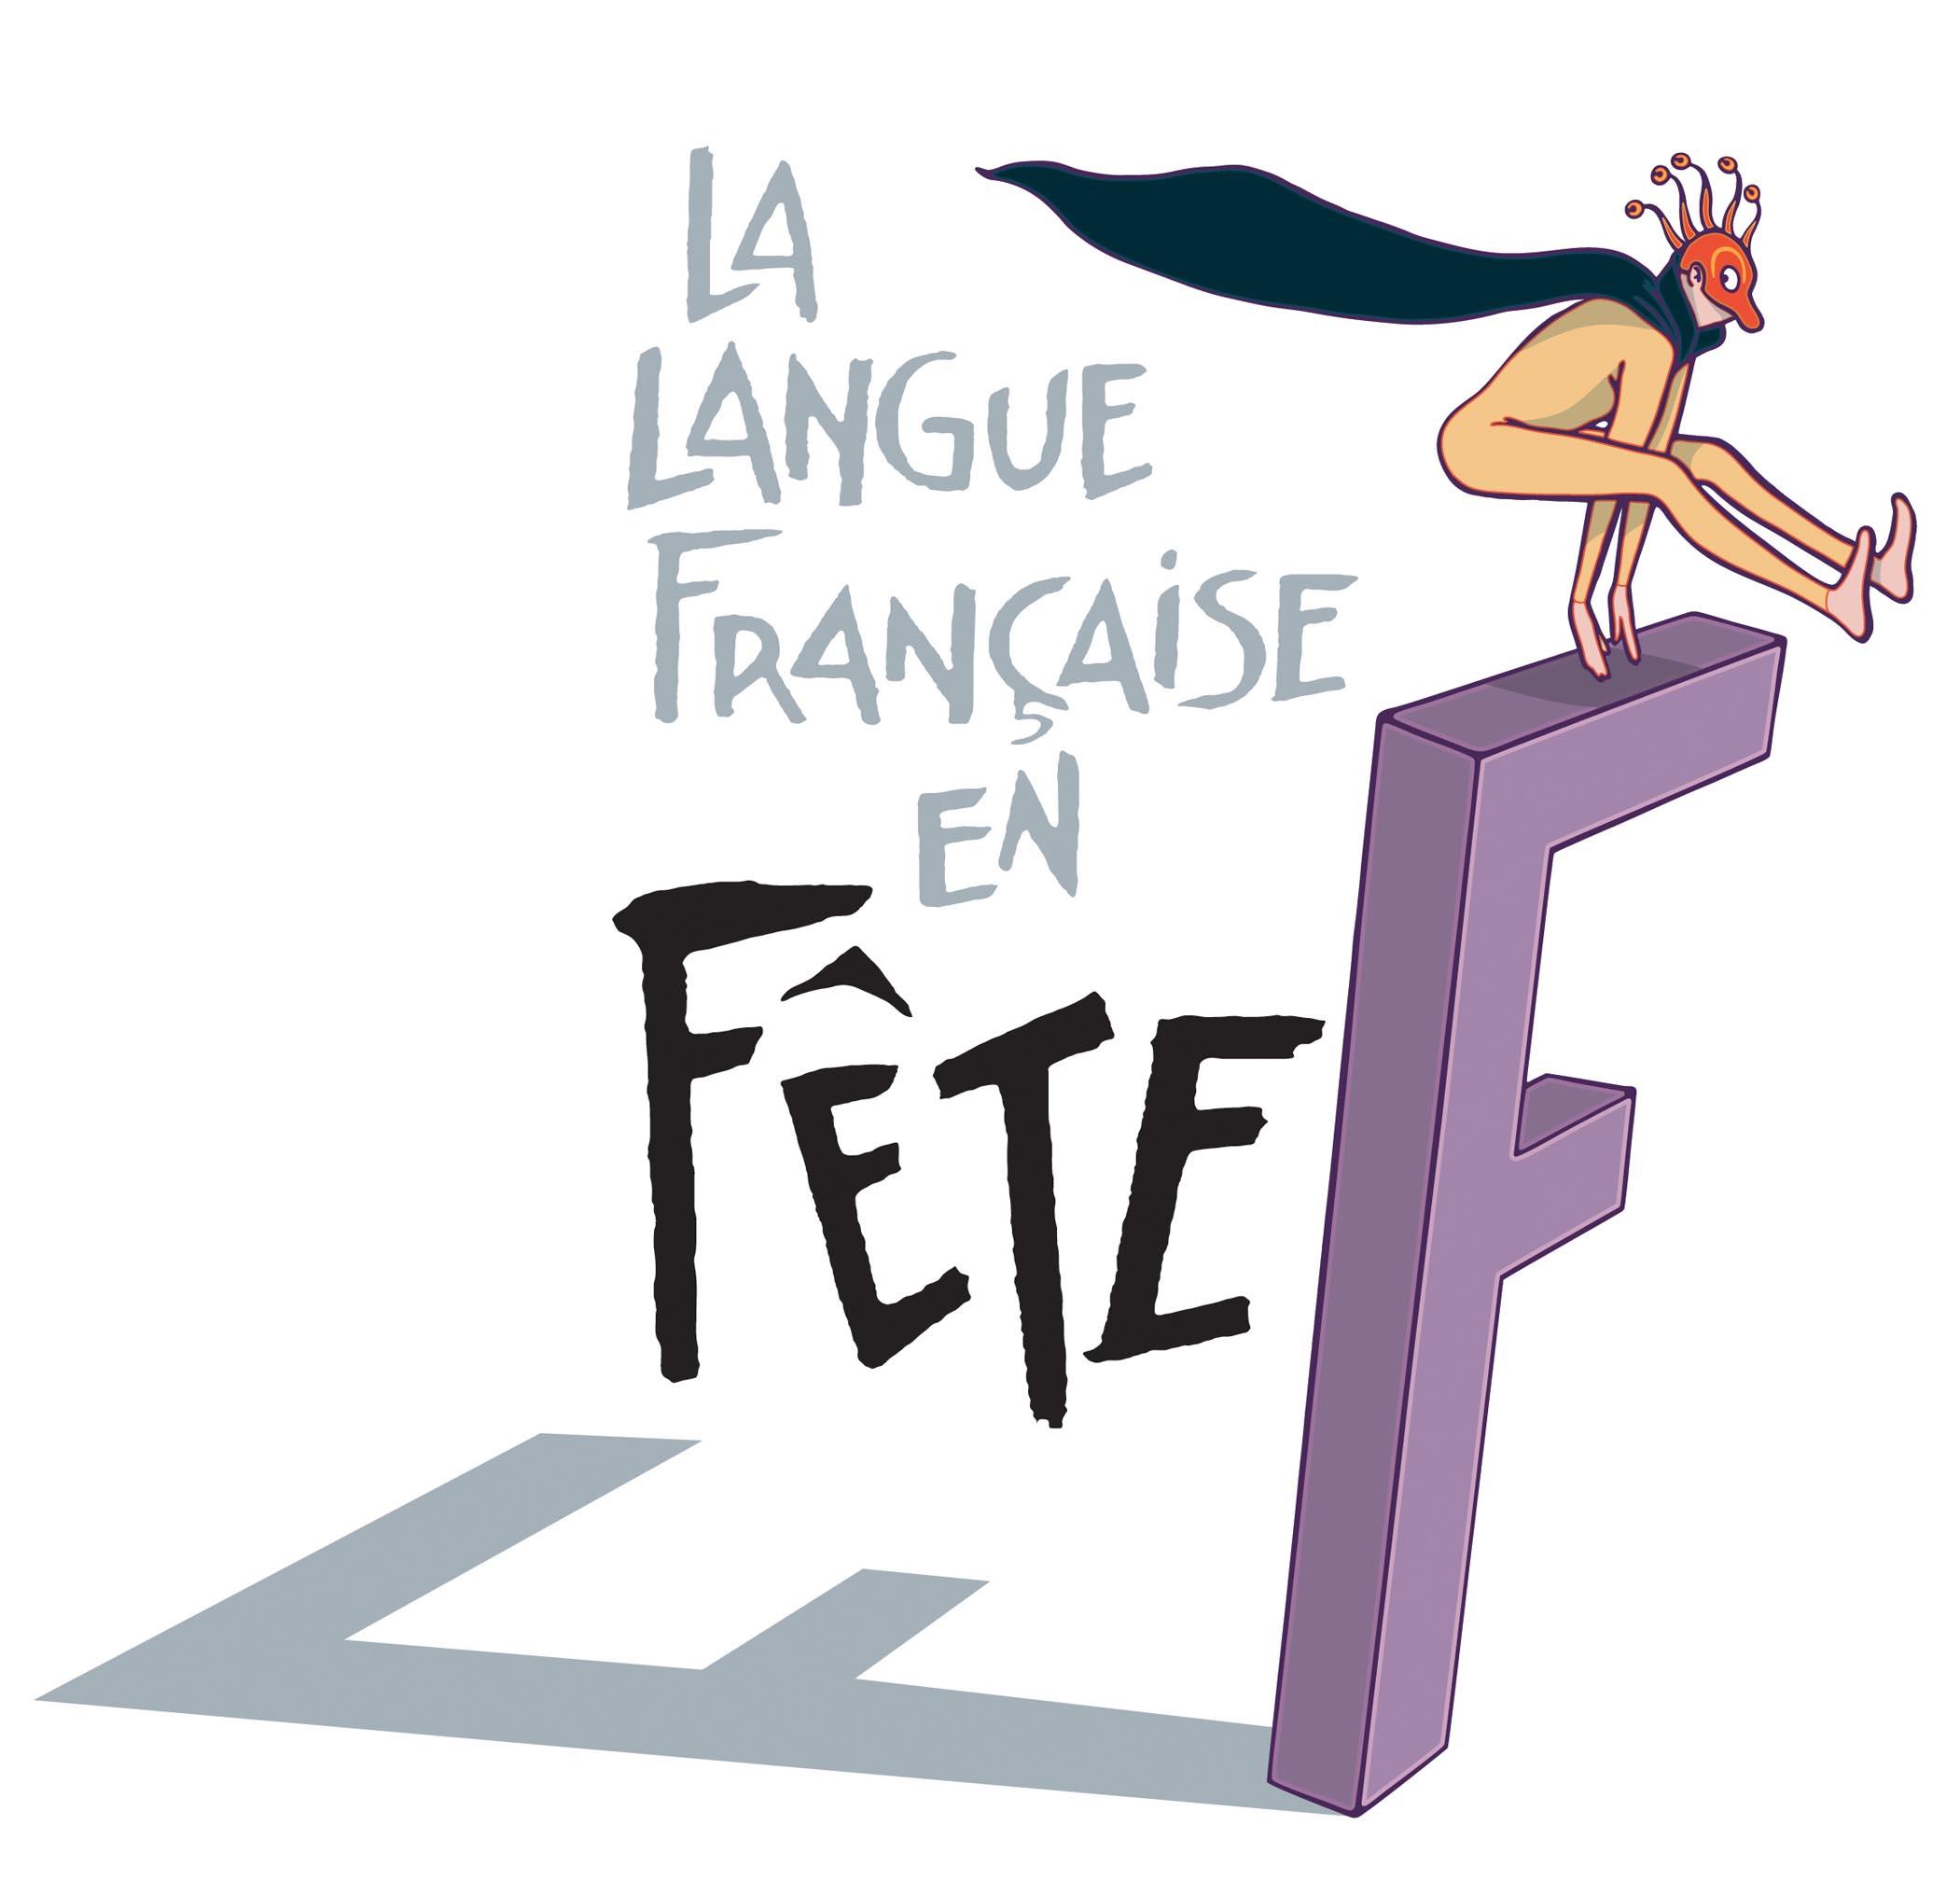 lg-francaise-en-fete